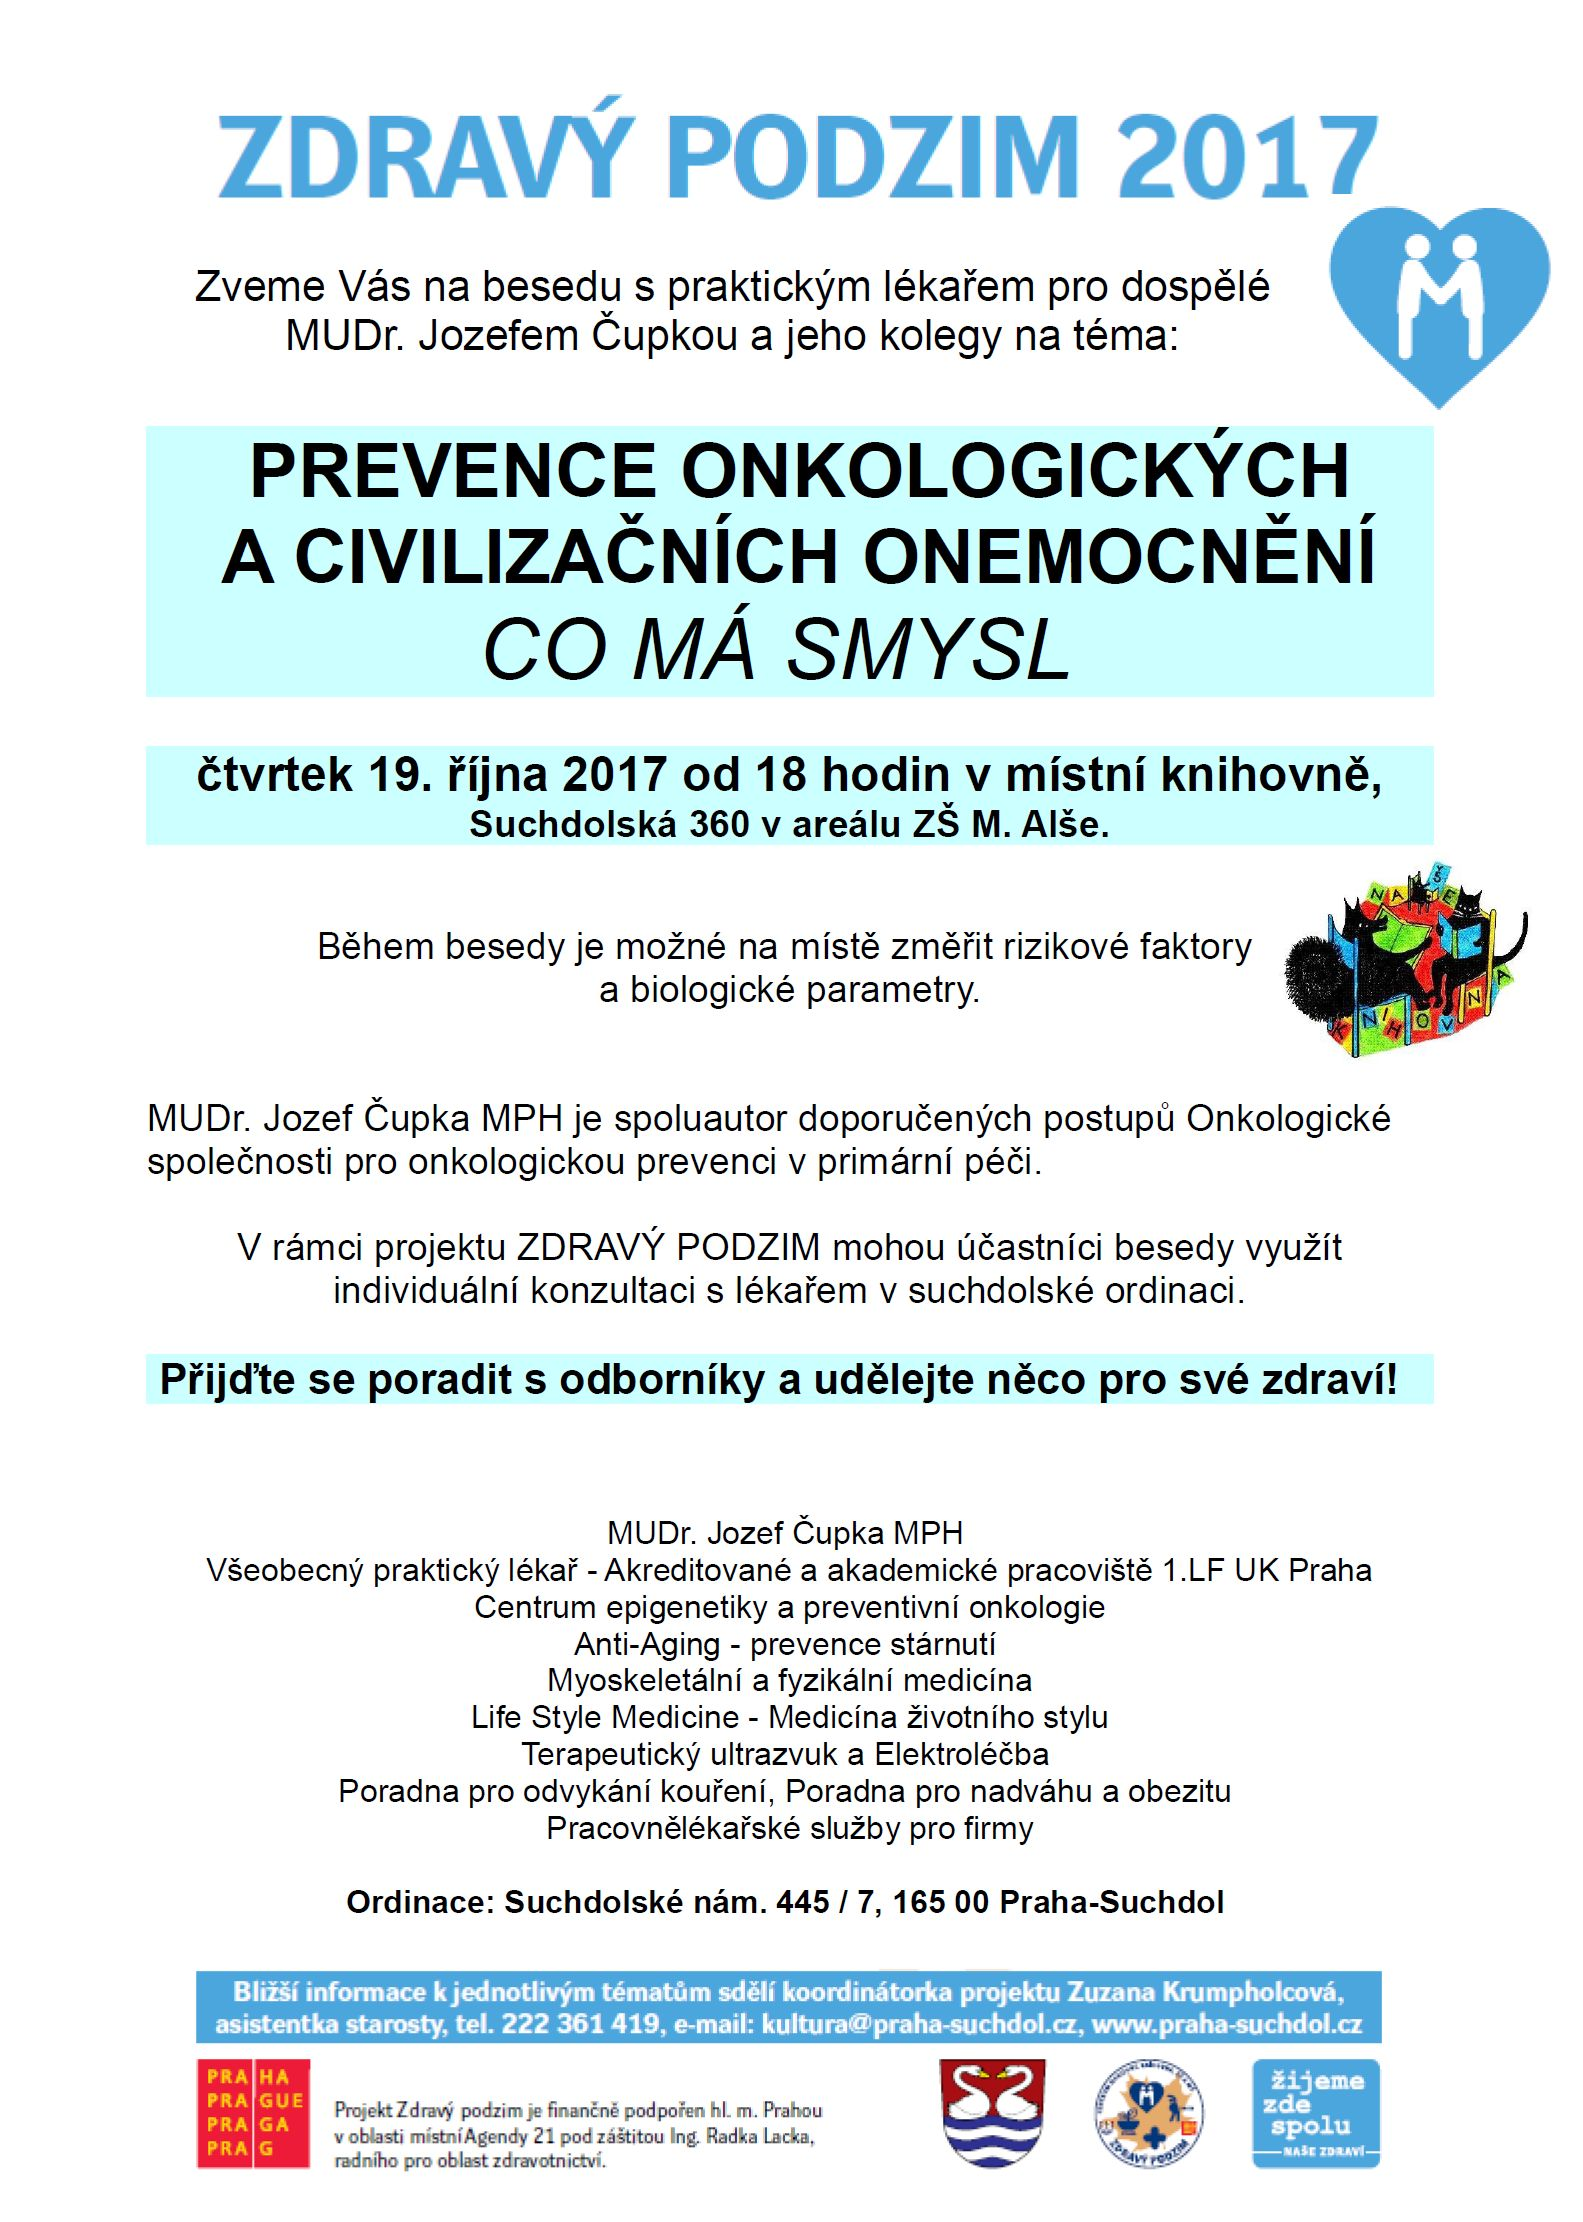 Co má smysl - beseda s  MUDr. J. Čupkou, 19.10.2017